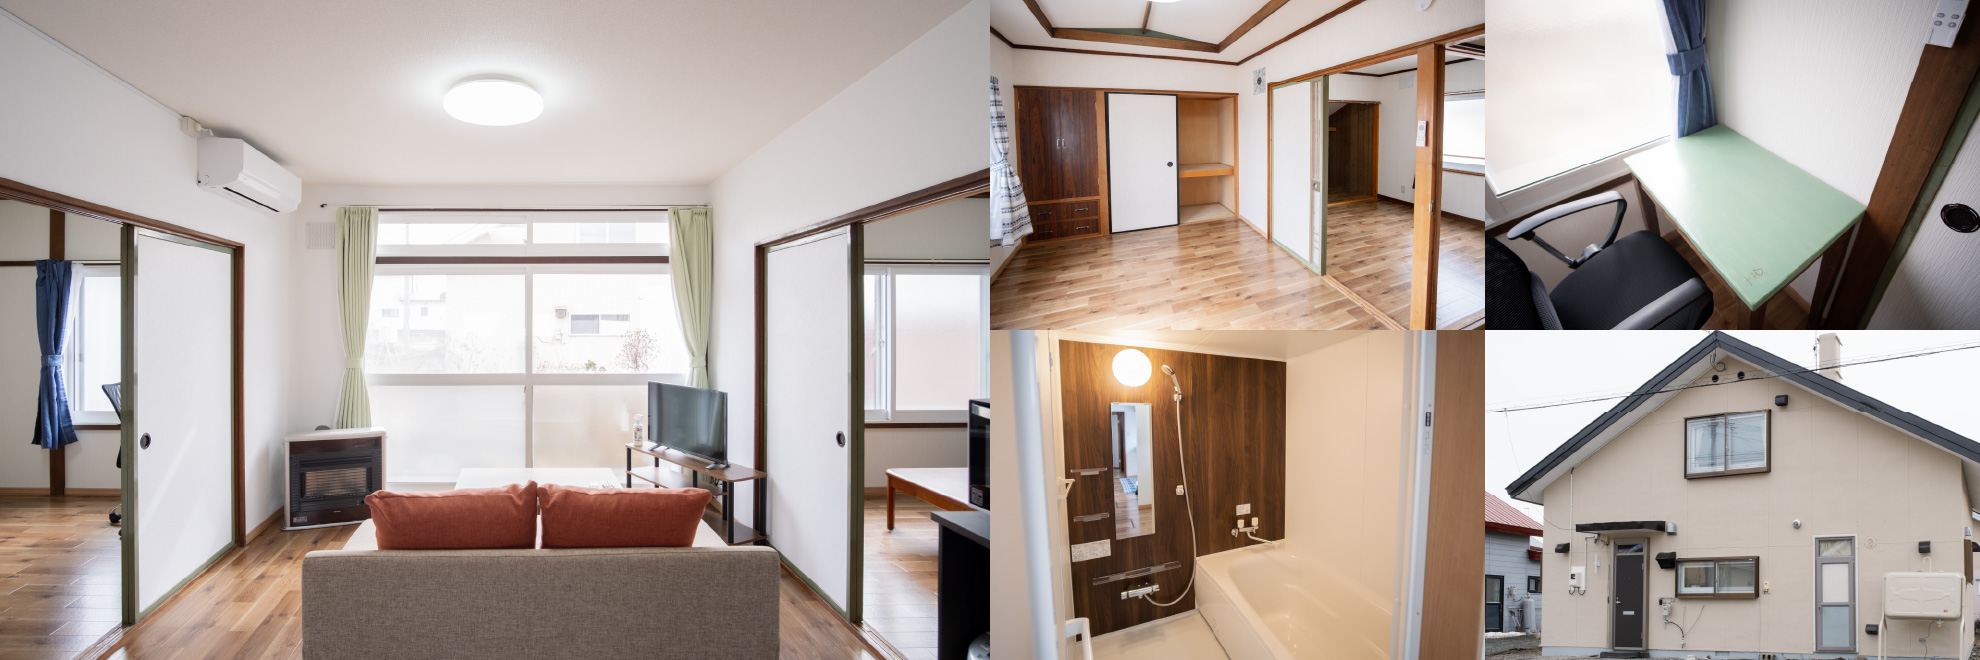 閑静な住宅街と北海道の農村風景、一度に両方が体験できるびほろ暮らし住宅